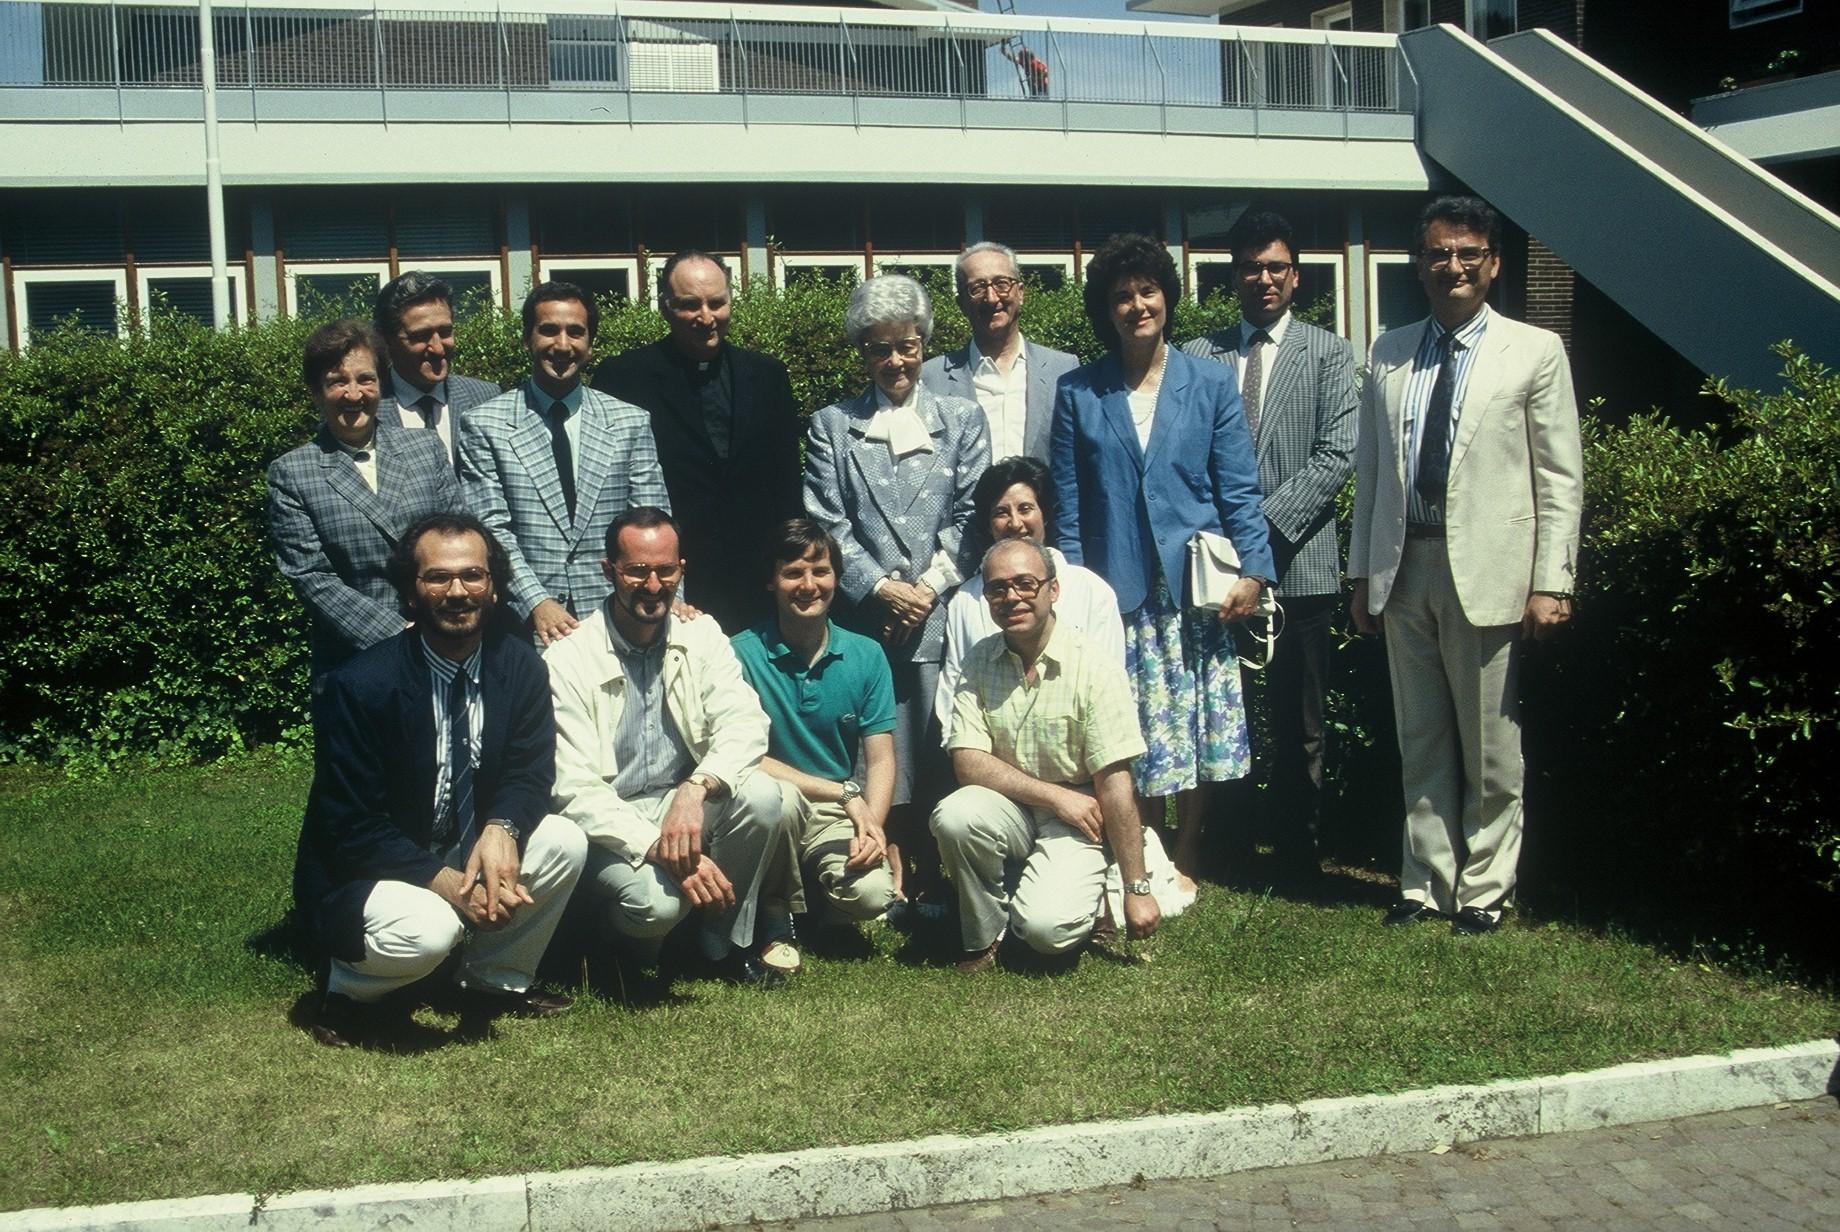 Redazione Città Nuova: Giuseppe Garagnani è il secondo in piedi da sinistra